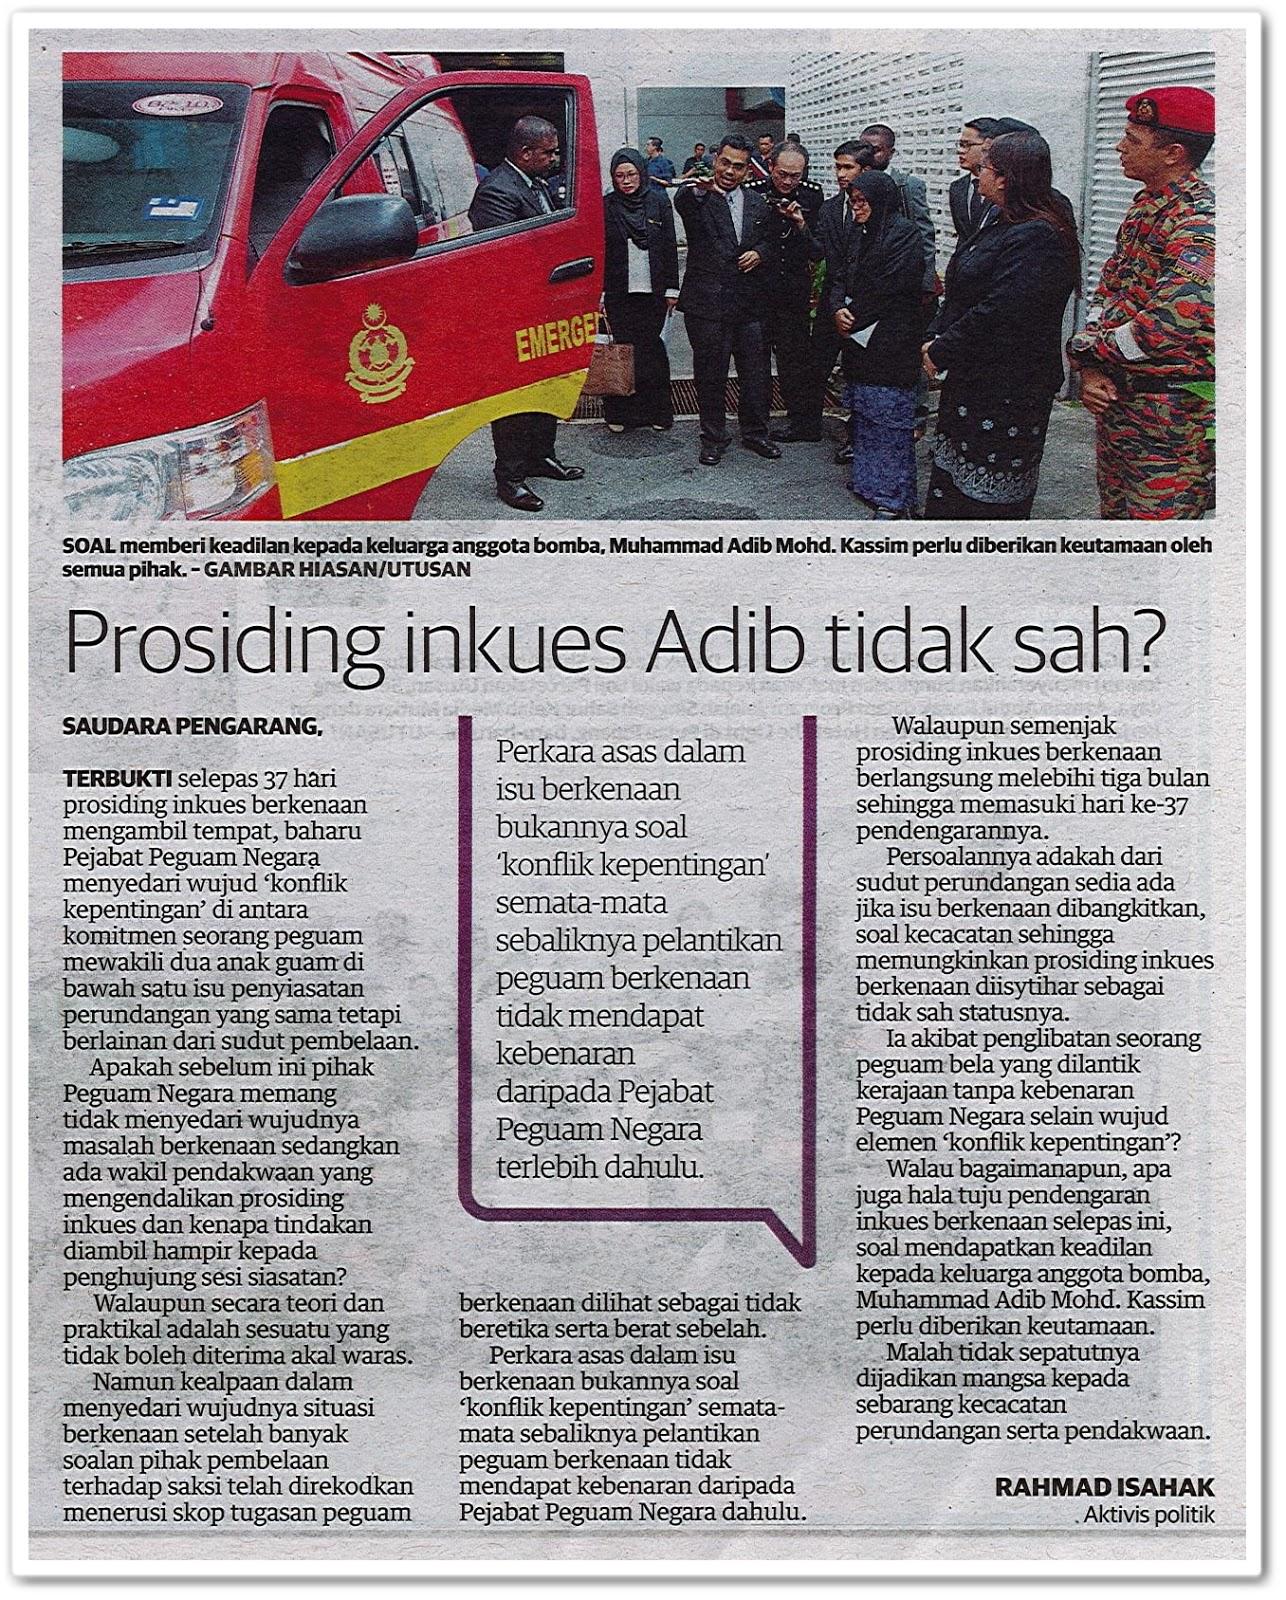 Prosiding inkues Adib tidak sah? - Keratan akhbar Utusan Malaysia 31 Mei 2019